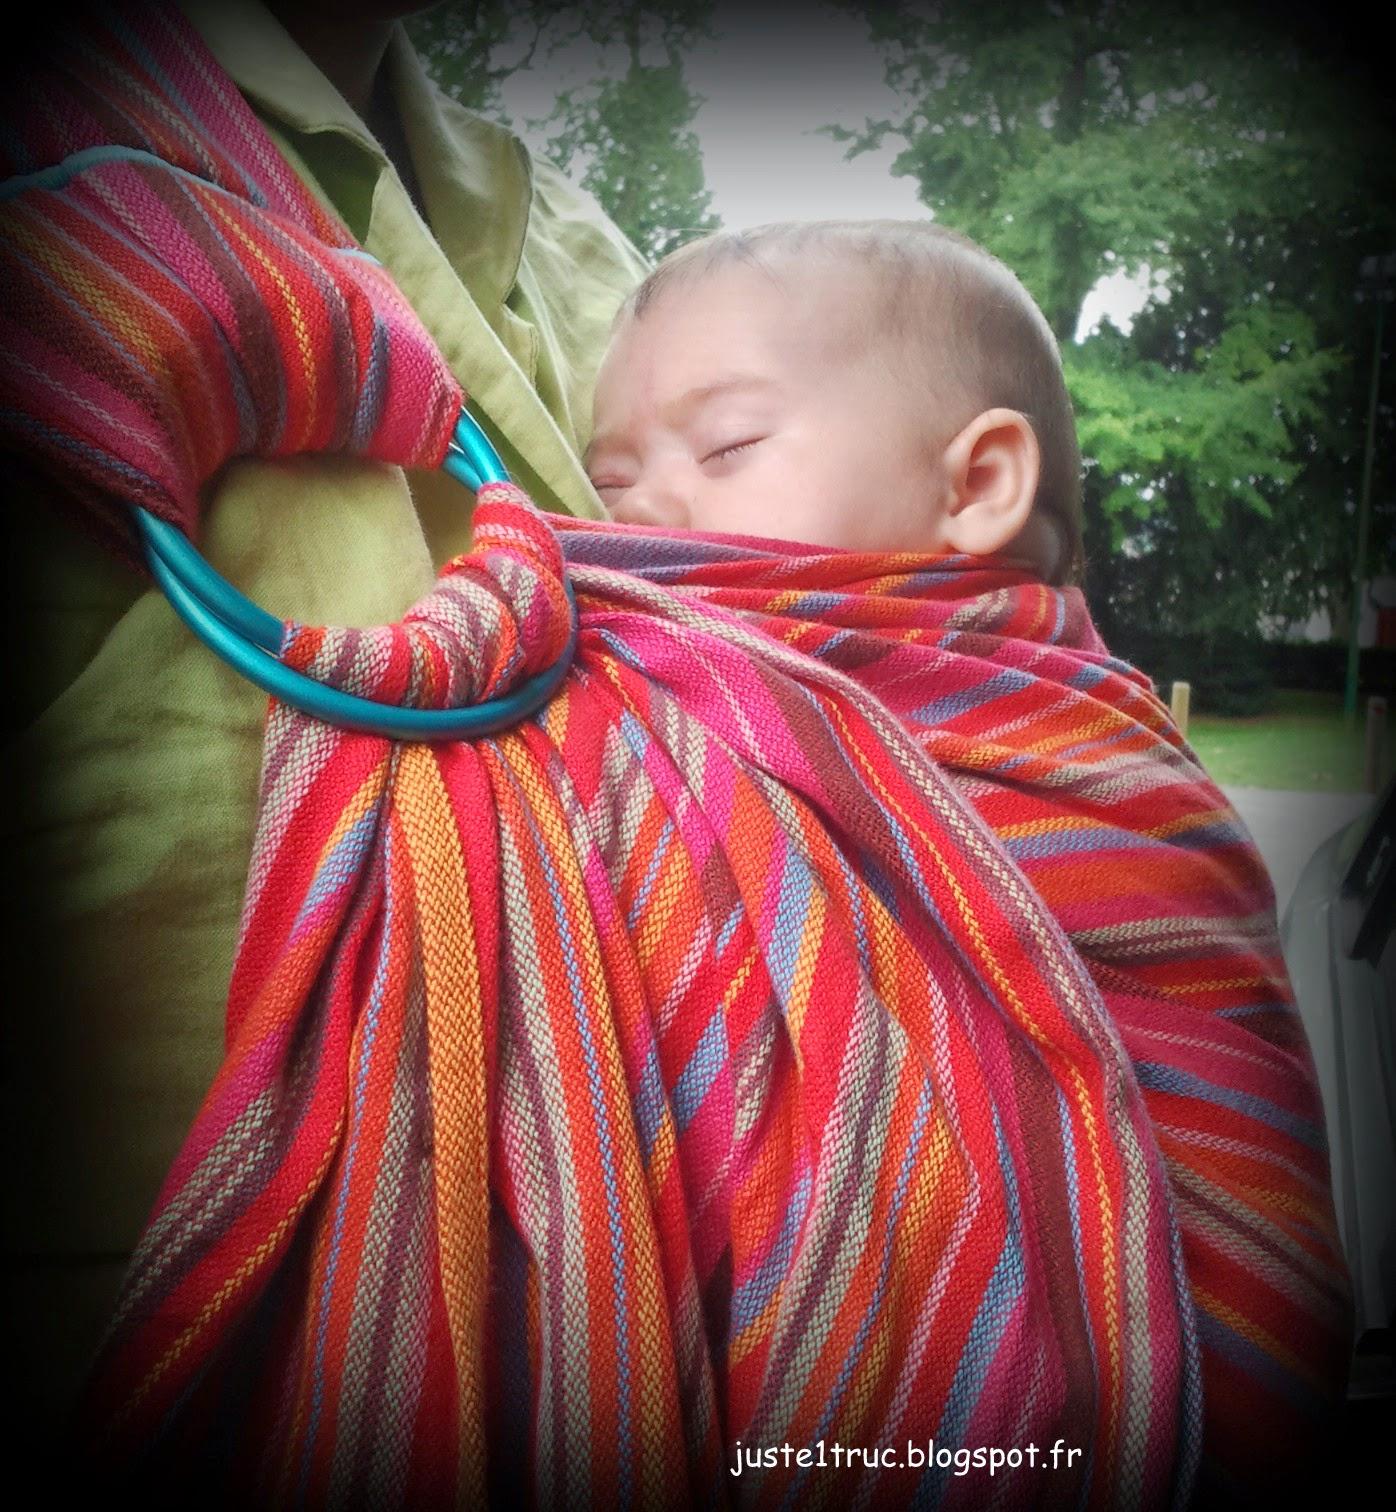 maternage maternante portage porter bébé ringsling sling écharpe anneaux attachement besoins éducation enfant